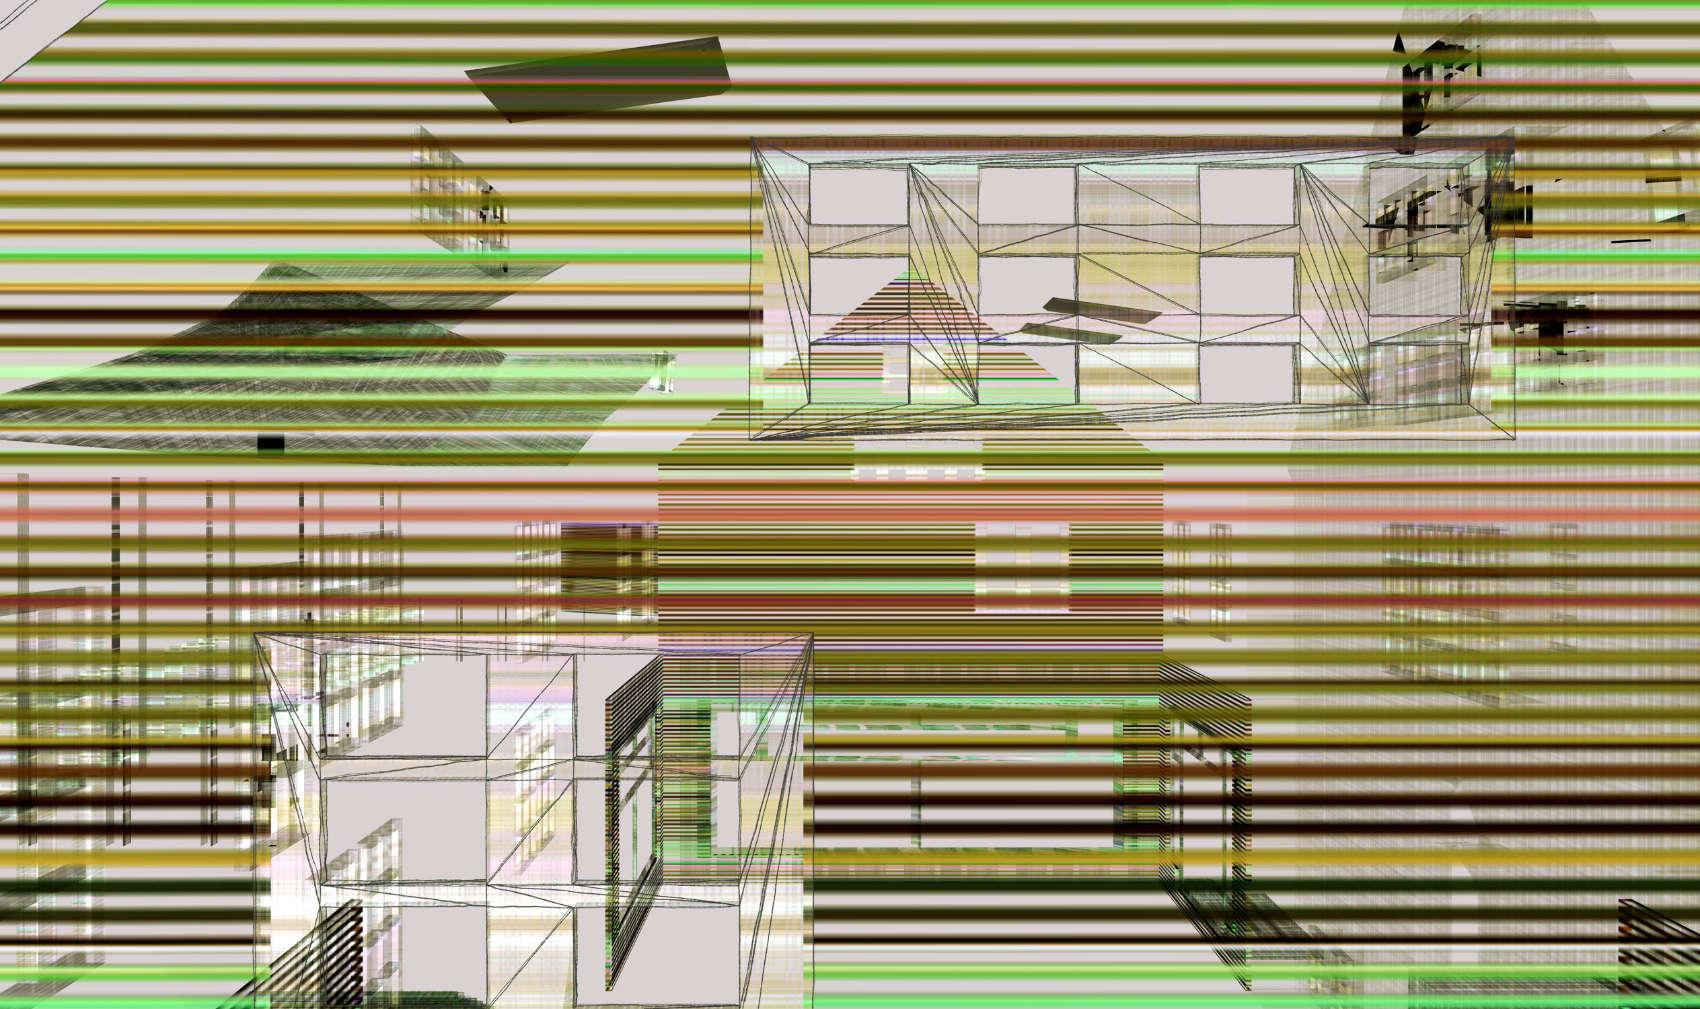 Broken House 4, 2017, jet d'encre pigmentaire sur papier Fine Art, 65 x 109 cm